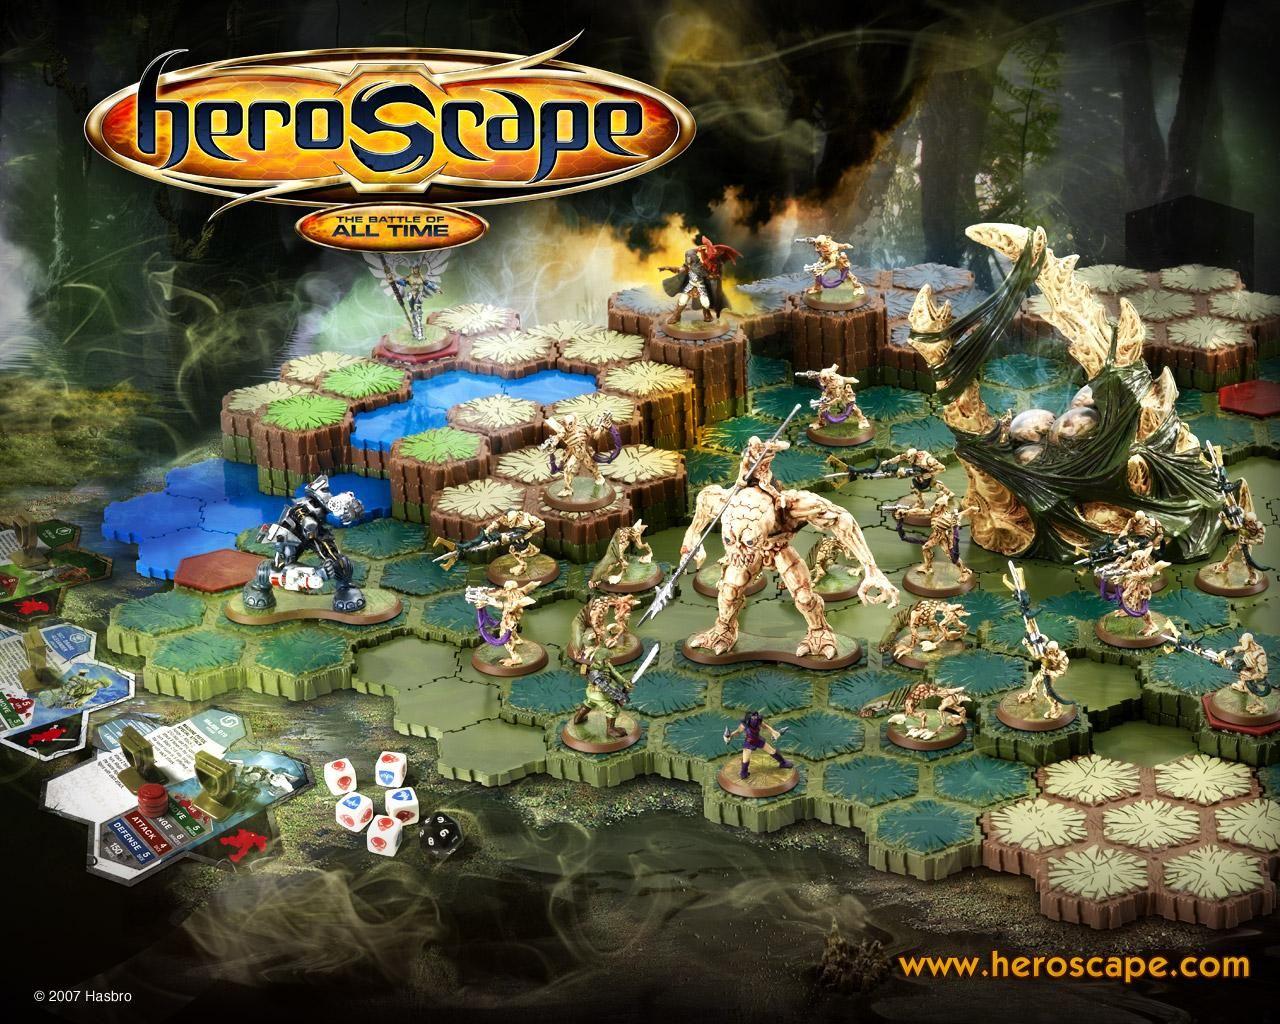 wp_heroscape771_1280.jpg 1,280×1,024 pixels Board games